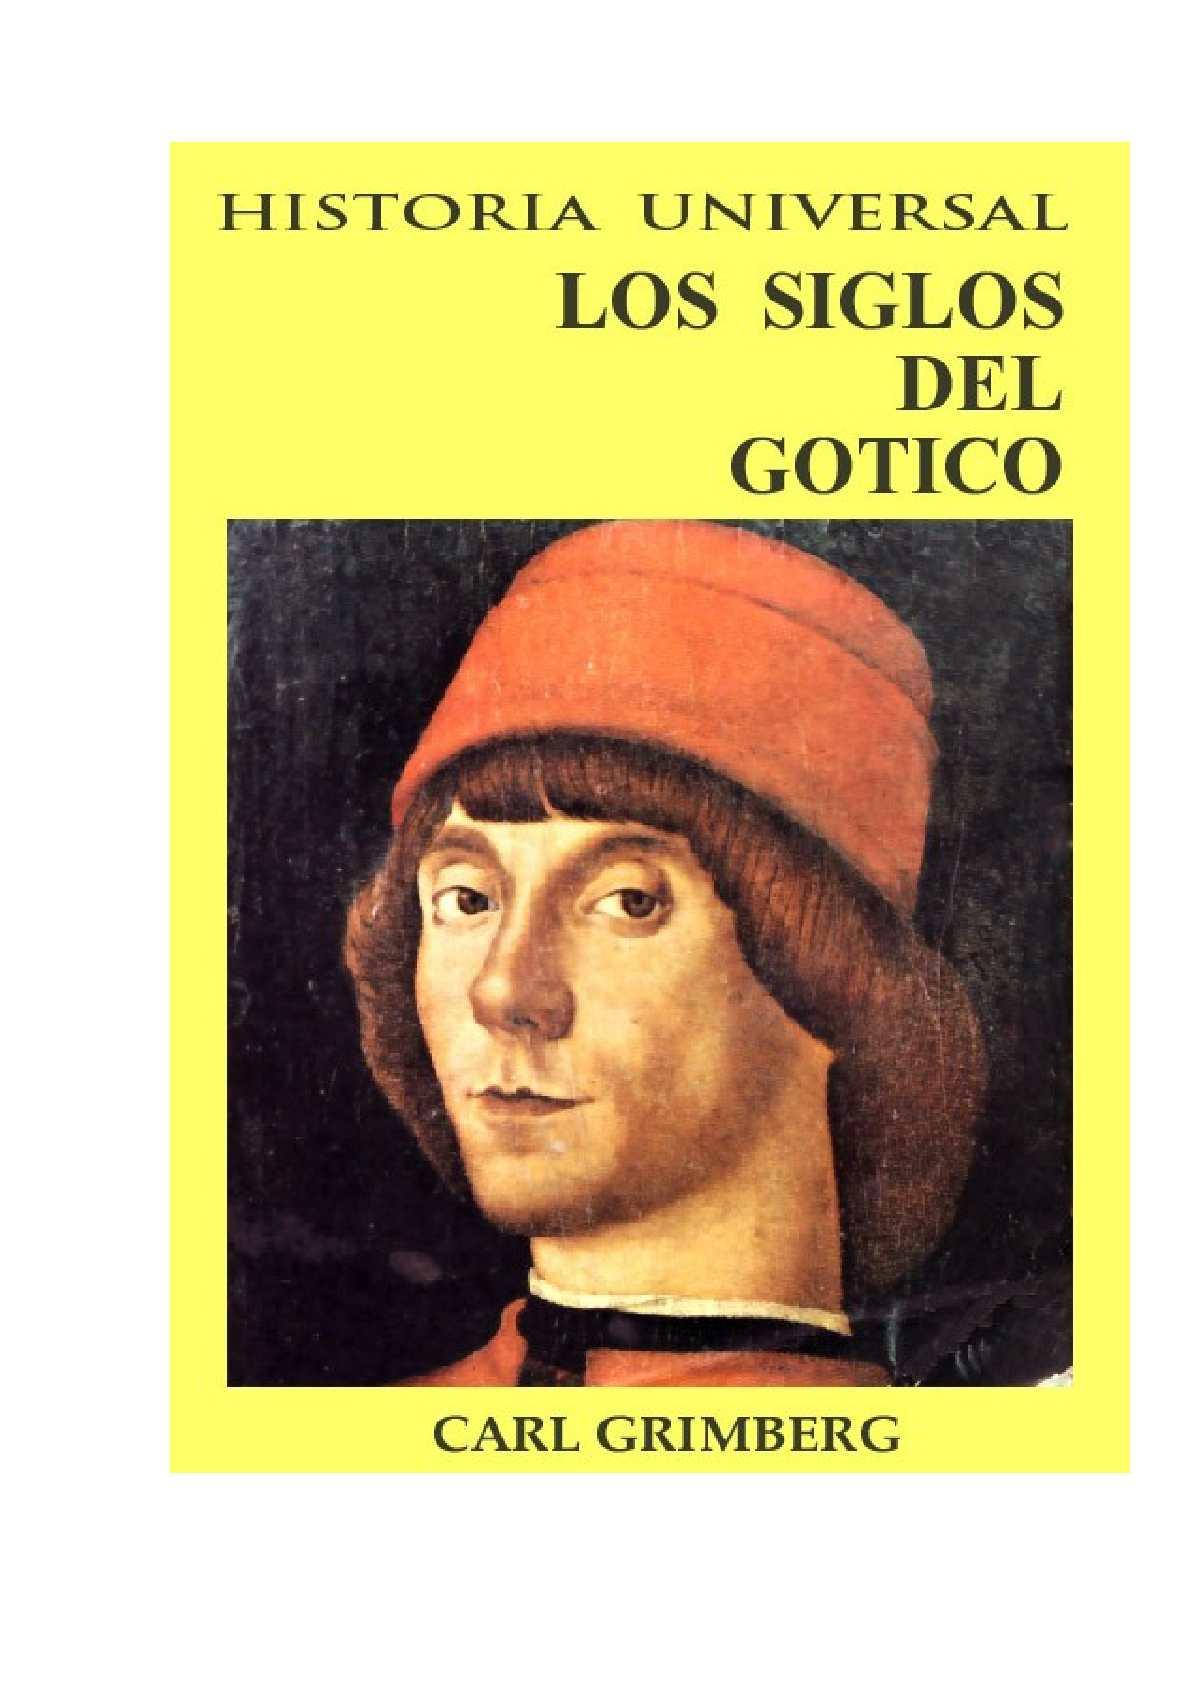 Los siglos del Gótico - Carl Grimberg